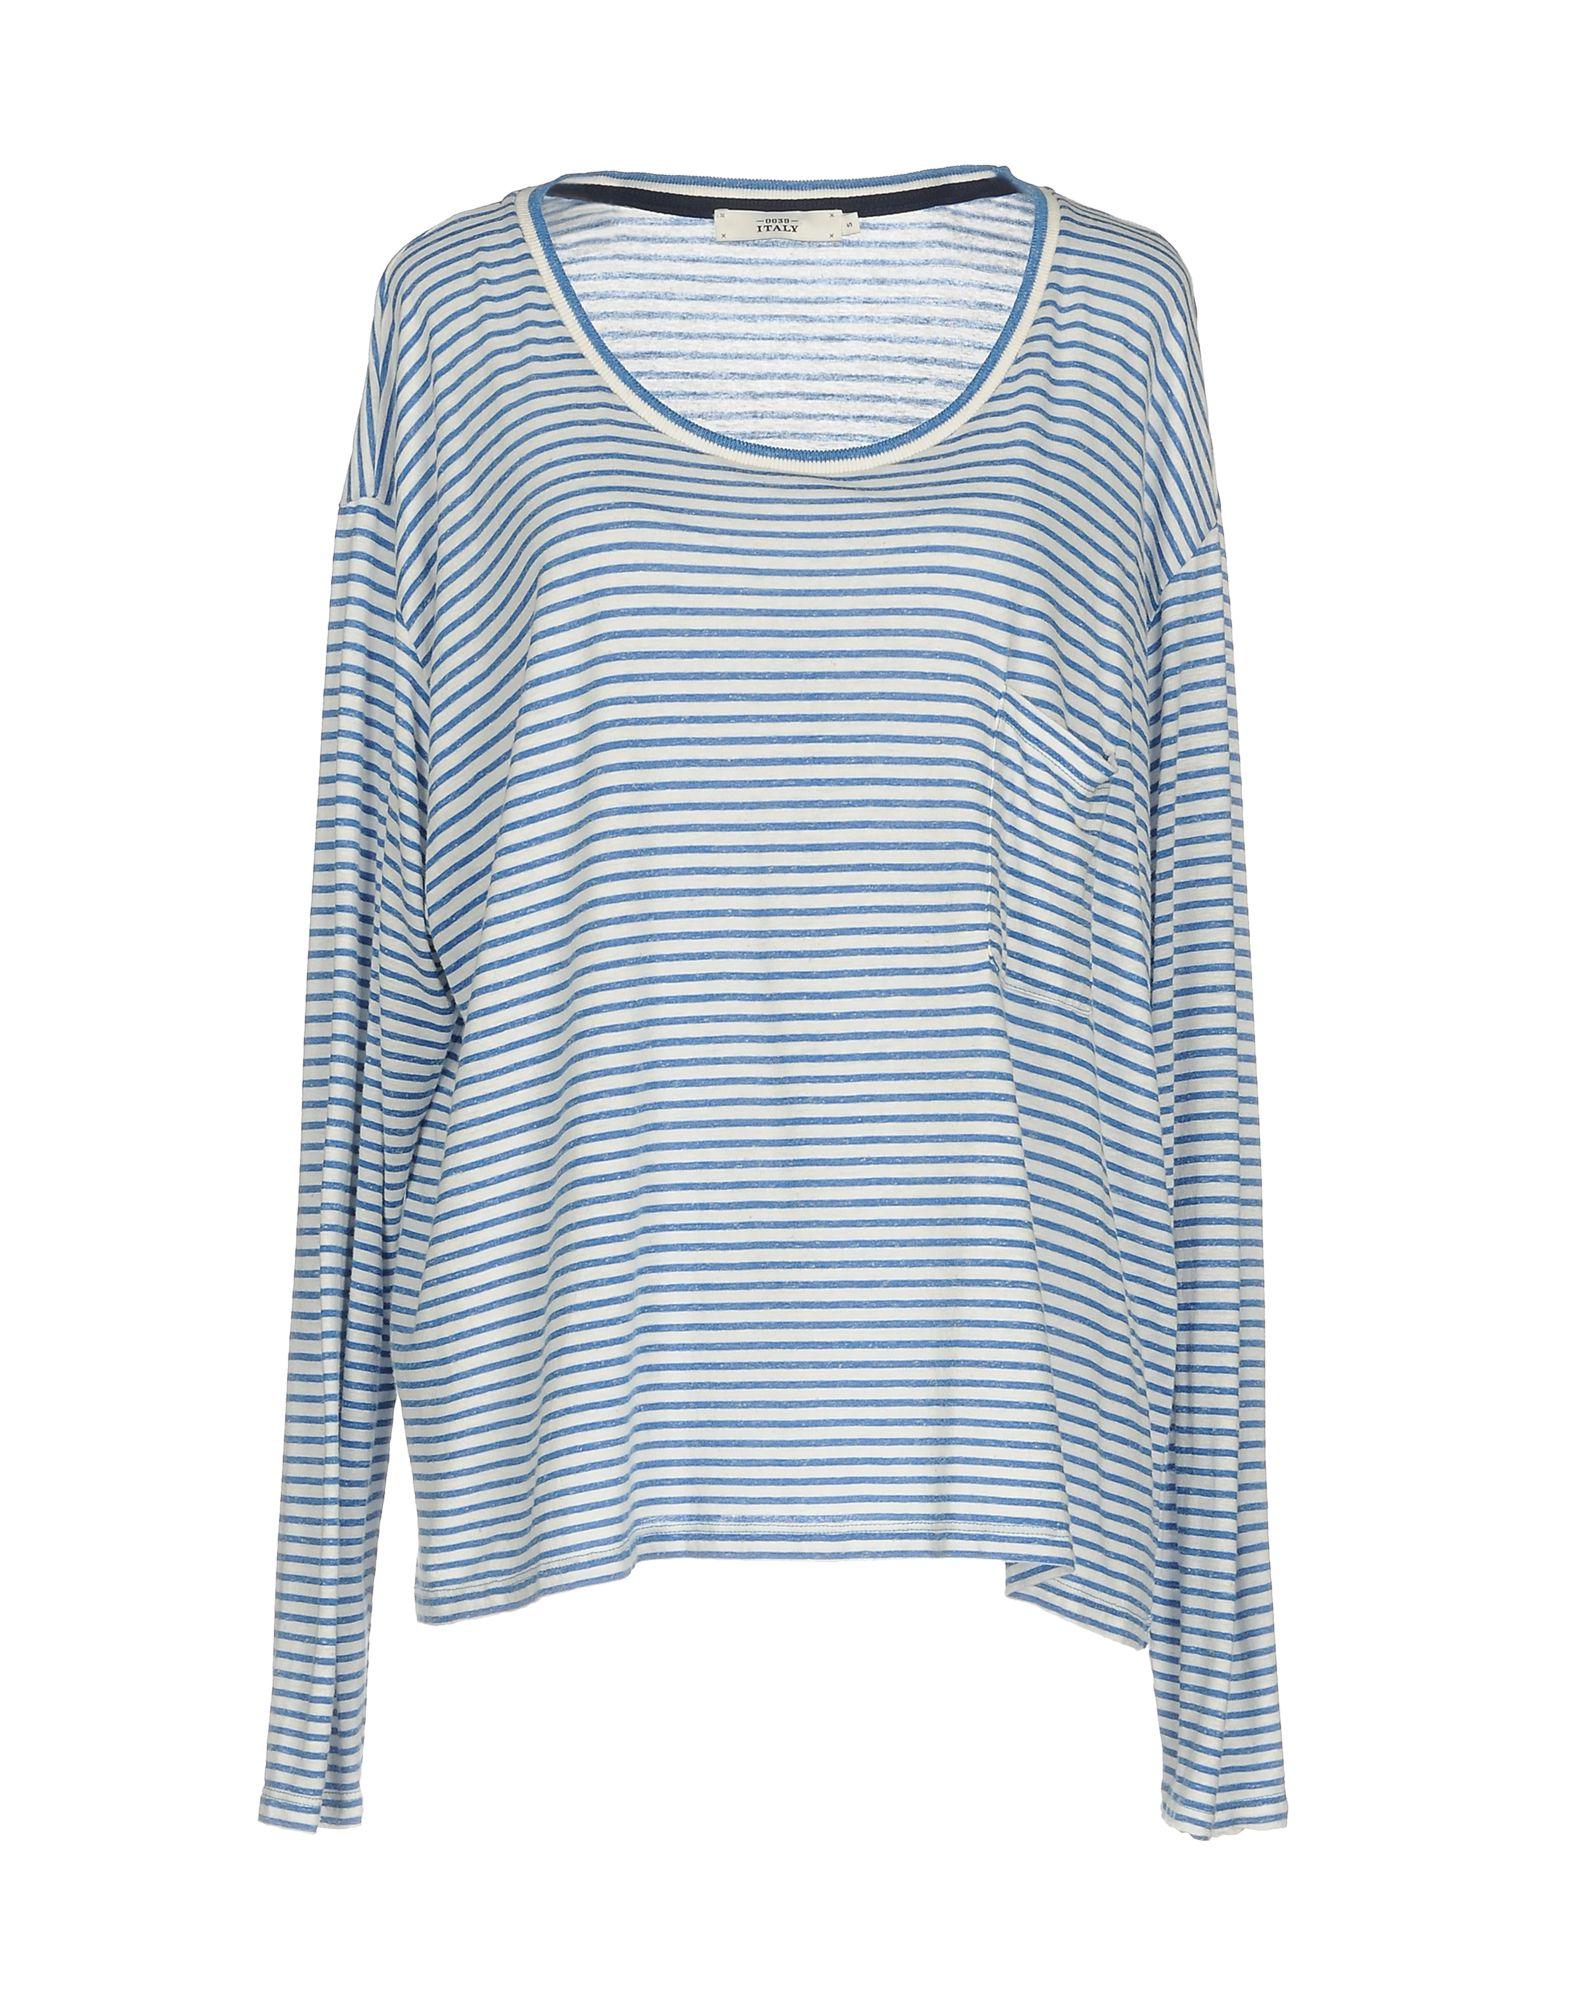 0039 ITALY T shirts